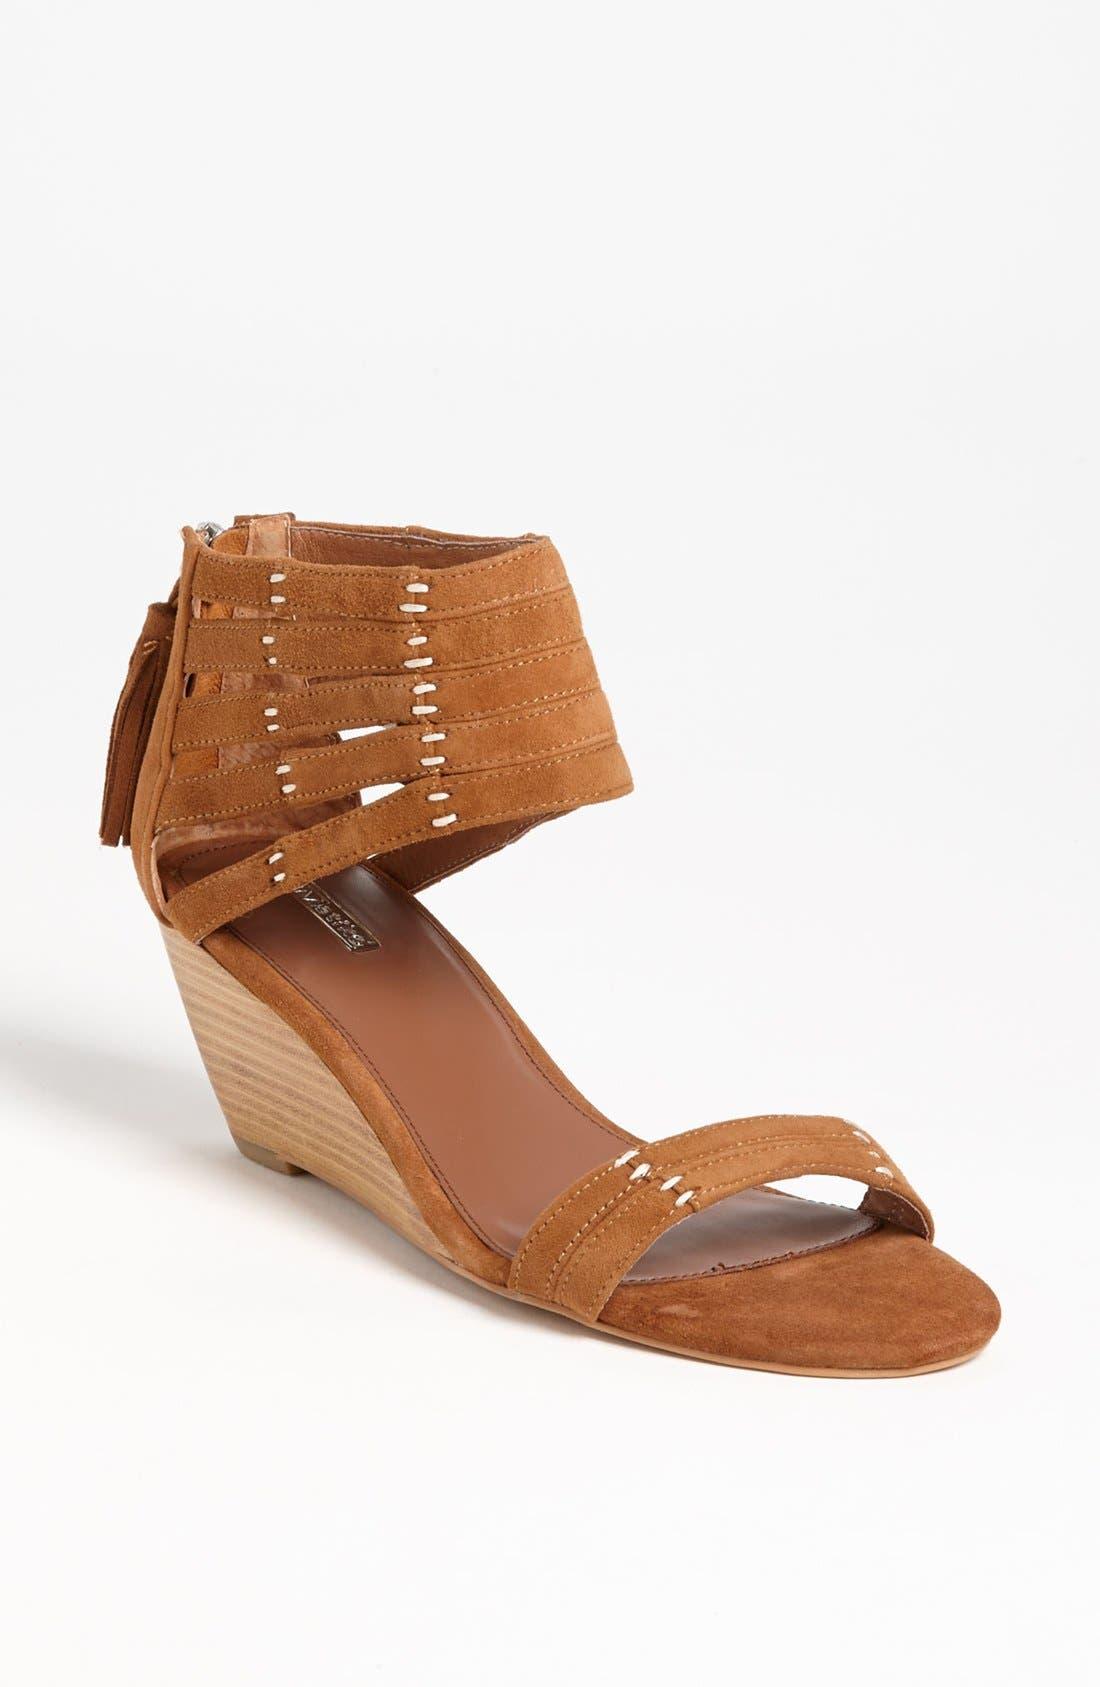 Main Image - Matiko 'Laura' Wedge Sandal